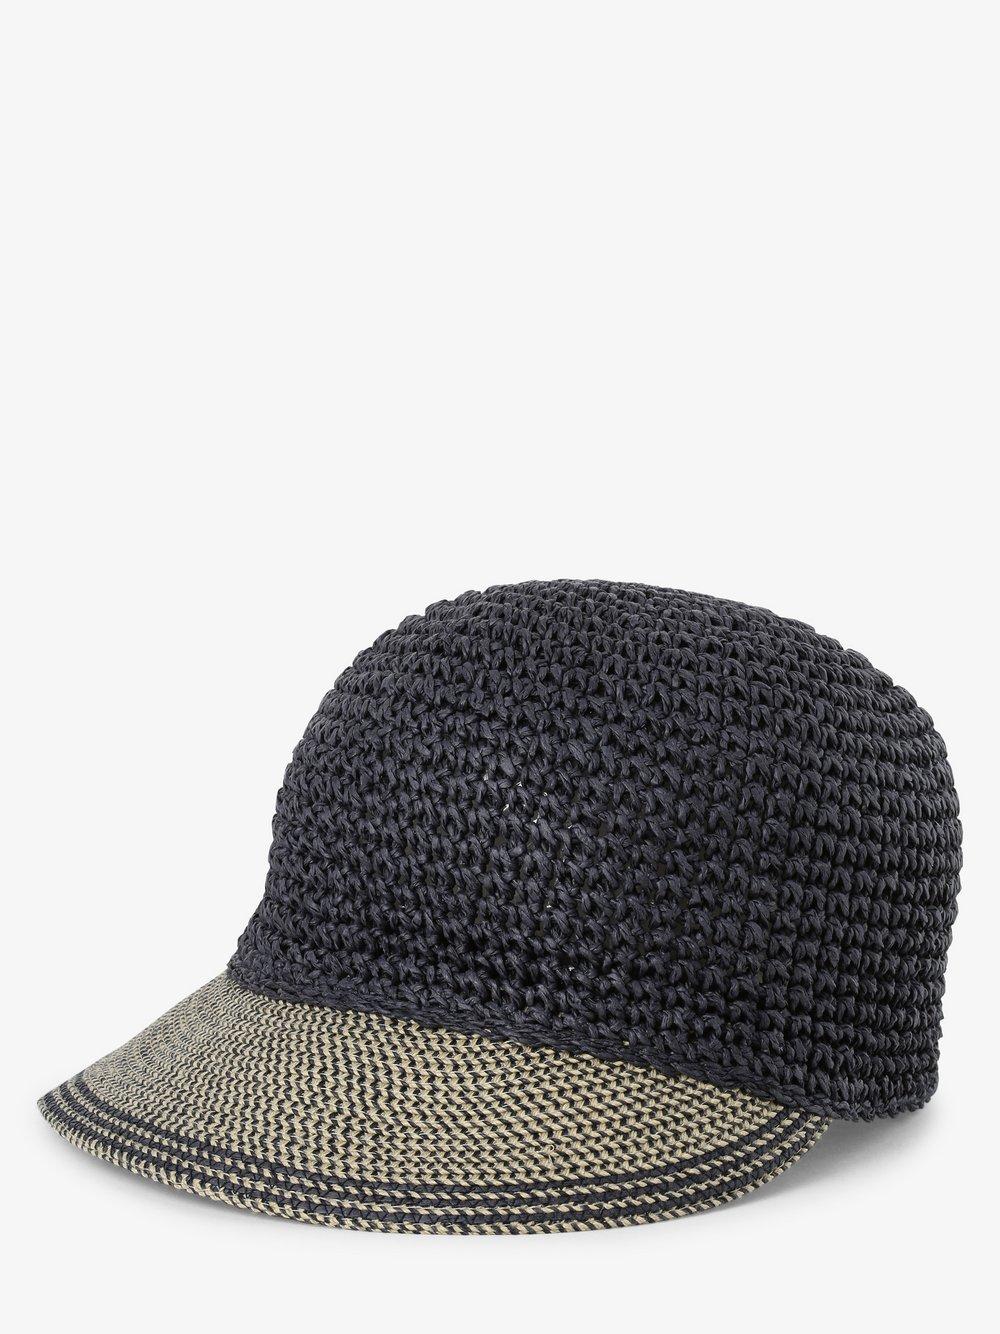 Loevenich – Damska czapka z daszkiem, niebieski Van Graaf 469319-0002-00000